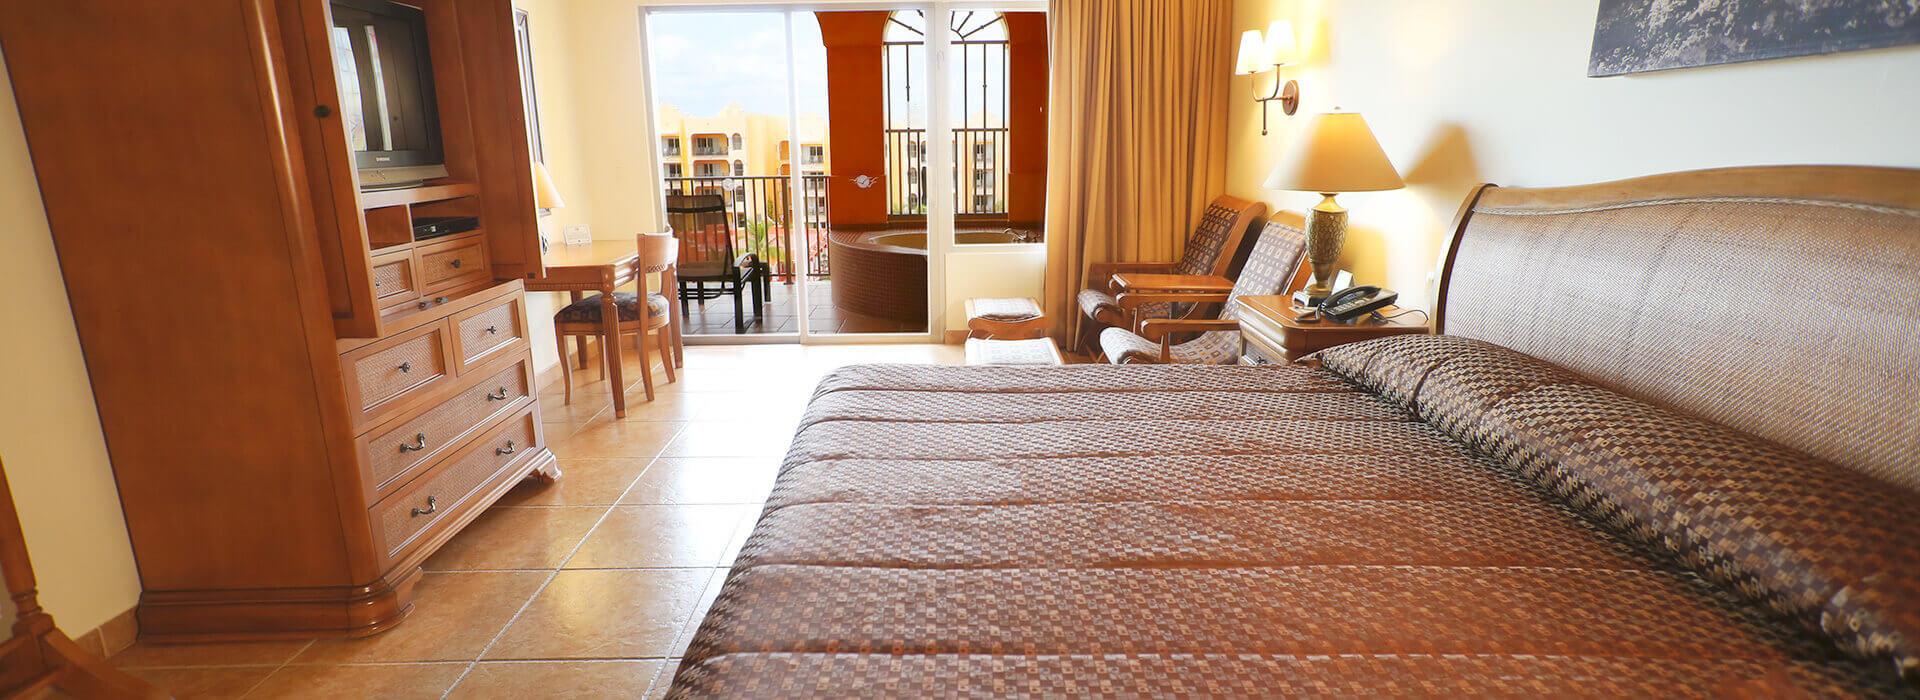 amplia suite con una cama king